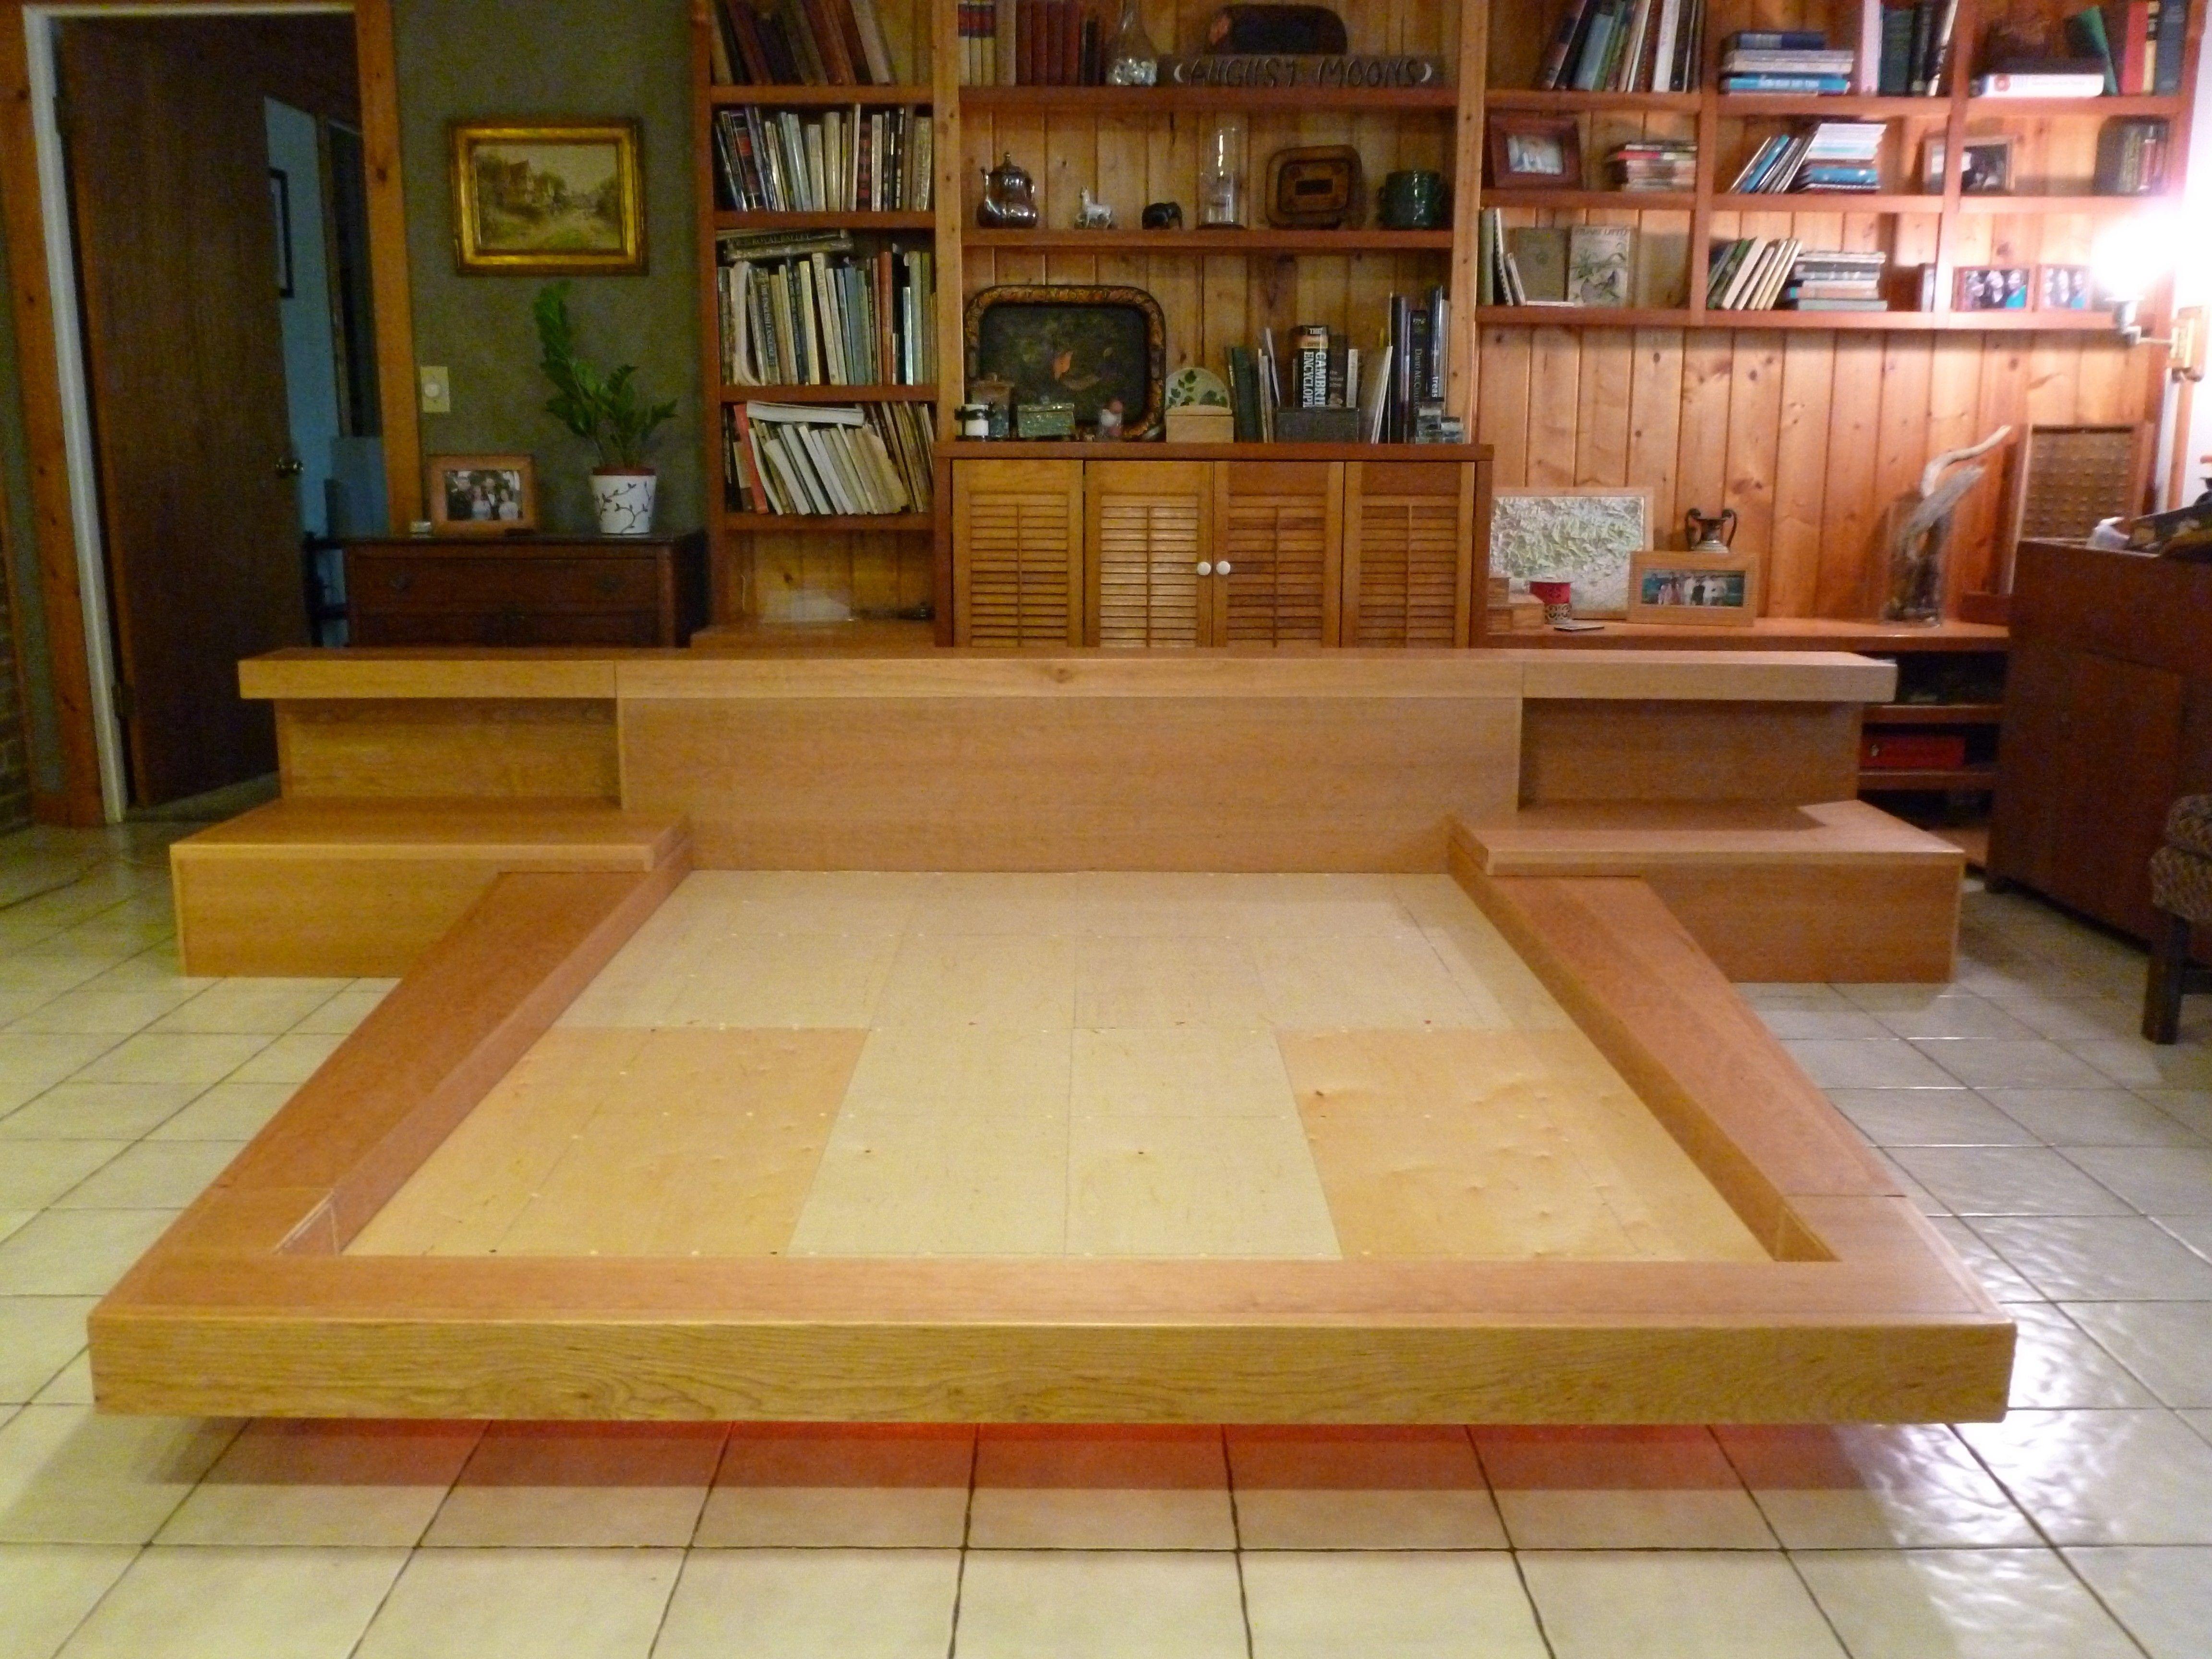 Konig Einzelbett Twin Holz Plattform Bett Holz Bett Frame Full Size Plattform Bett Mit Schubladen Schlafzimmer Platform Bed Designs Platform Bed Plans Bed Frame Design